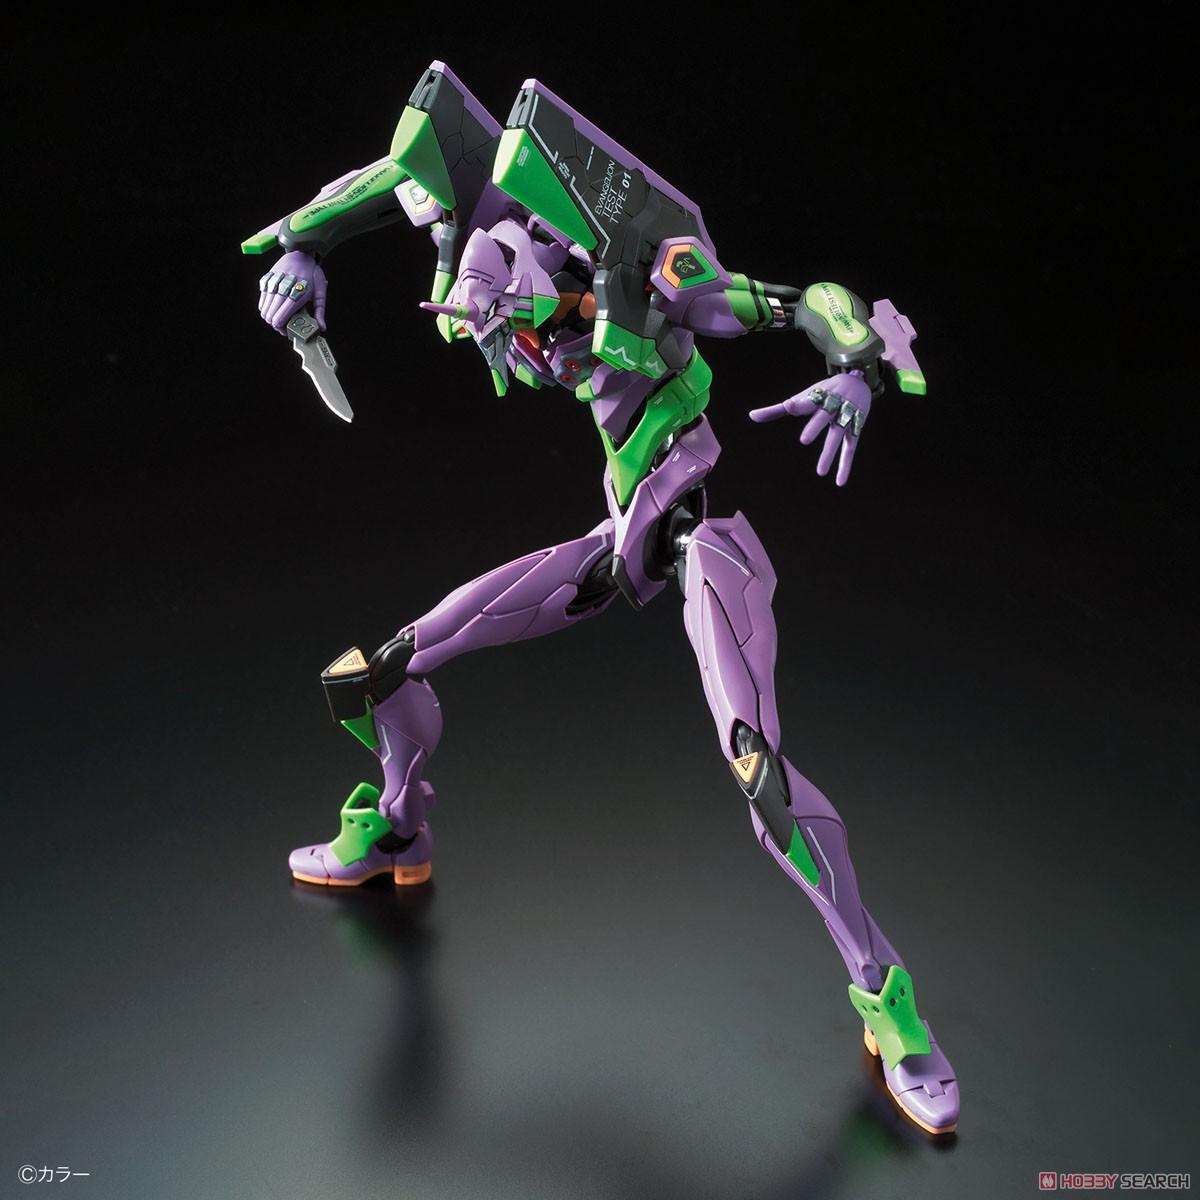 【8月再販】RG『汎用ヒト型決戦兵器 人造人間エヴァンゲリオン初号機』プラモデル-002